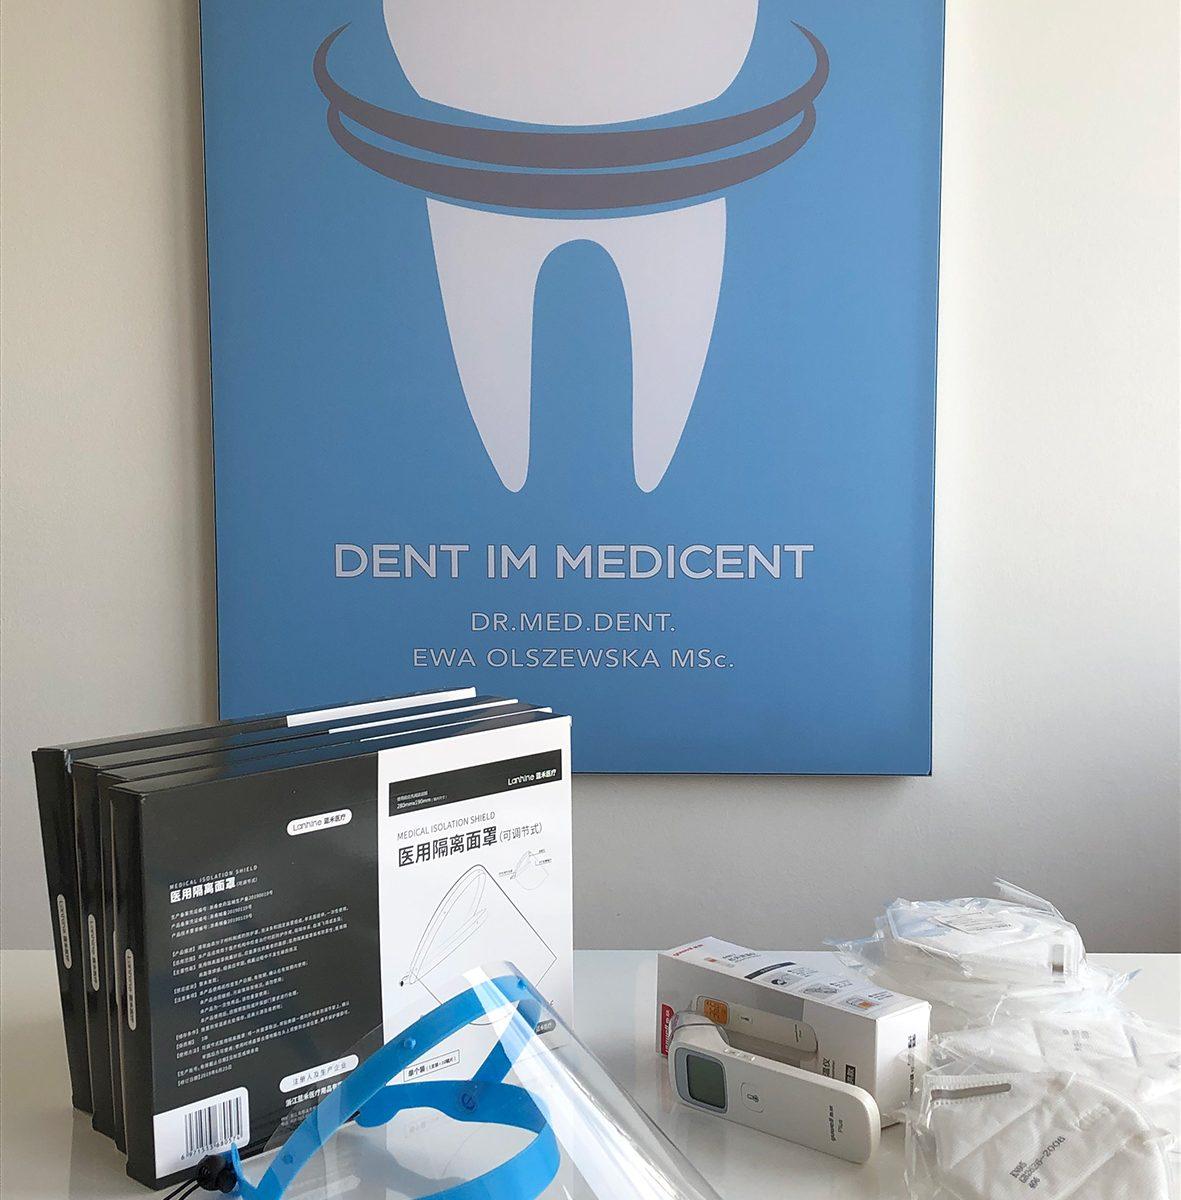 weitere Schutzausrüstung für unsere Praxis Dr. Ewa Olszewska Zahnarzt Zahnarztpraxis Salzburg Medicent